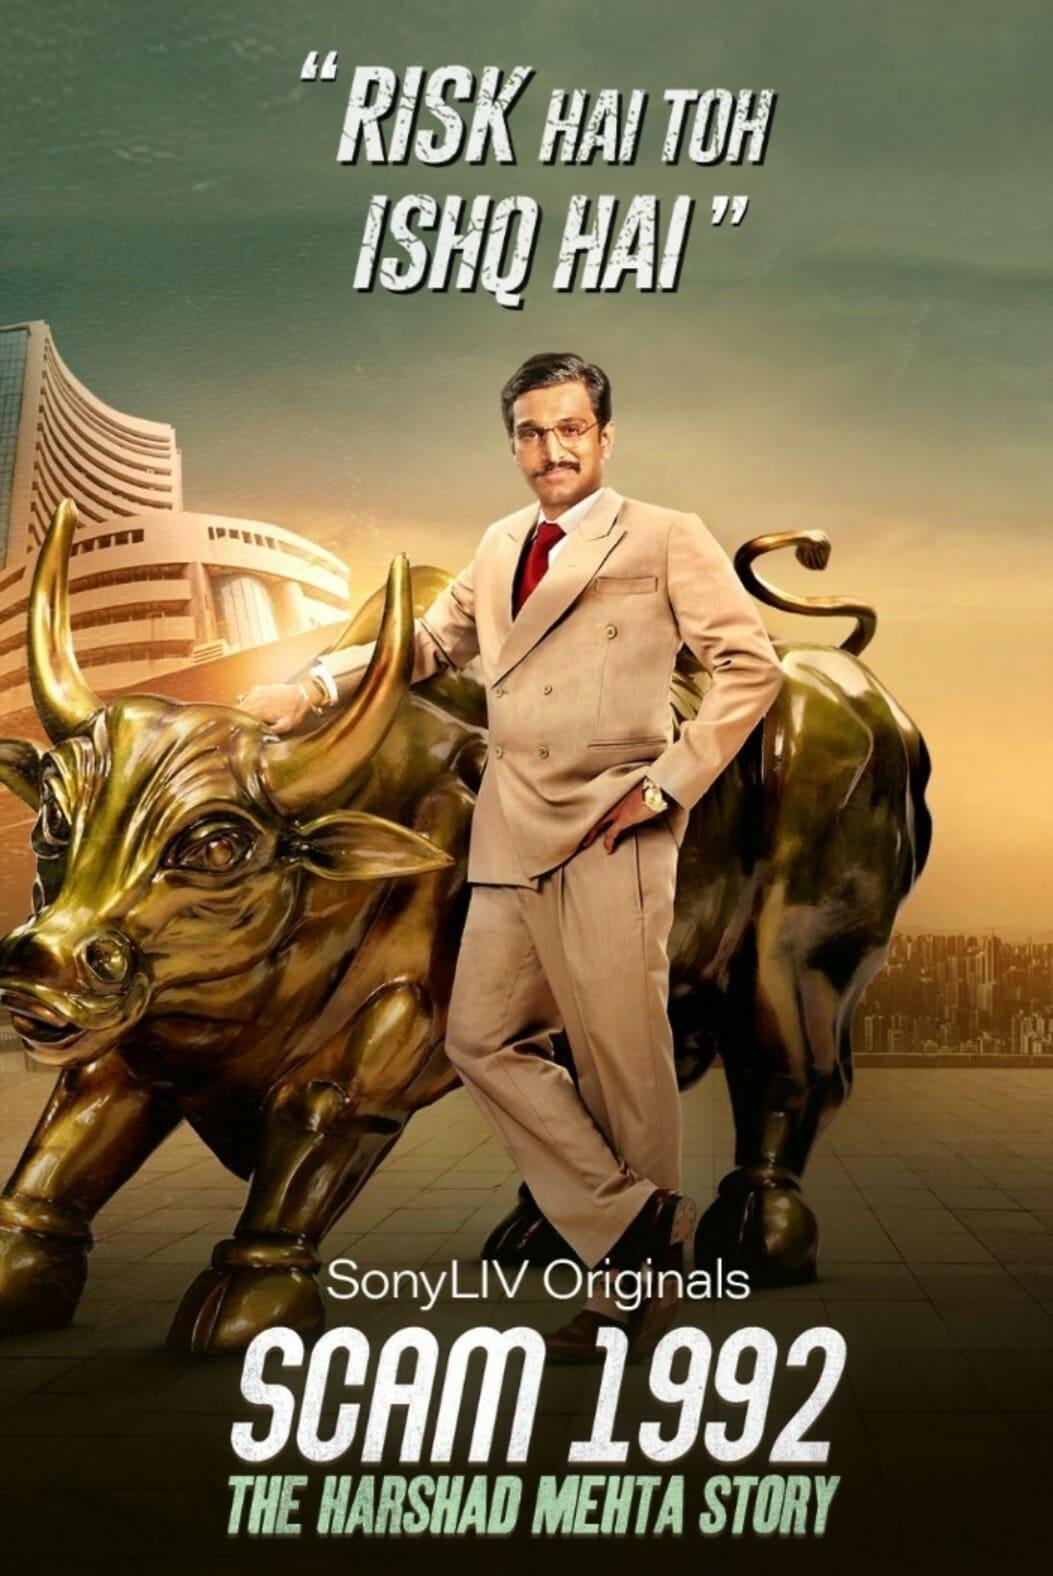 Scam 1992 the Harshad Mehta Story (2020) Hindi Season 1 Sony Live Watch Free HD